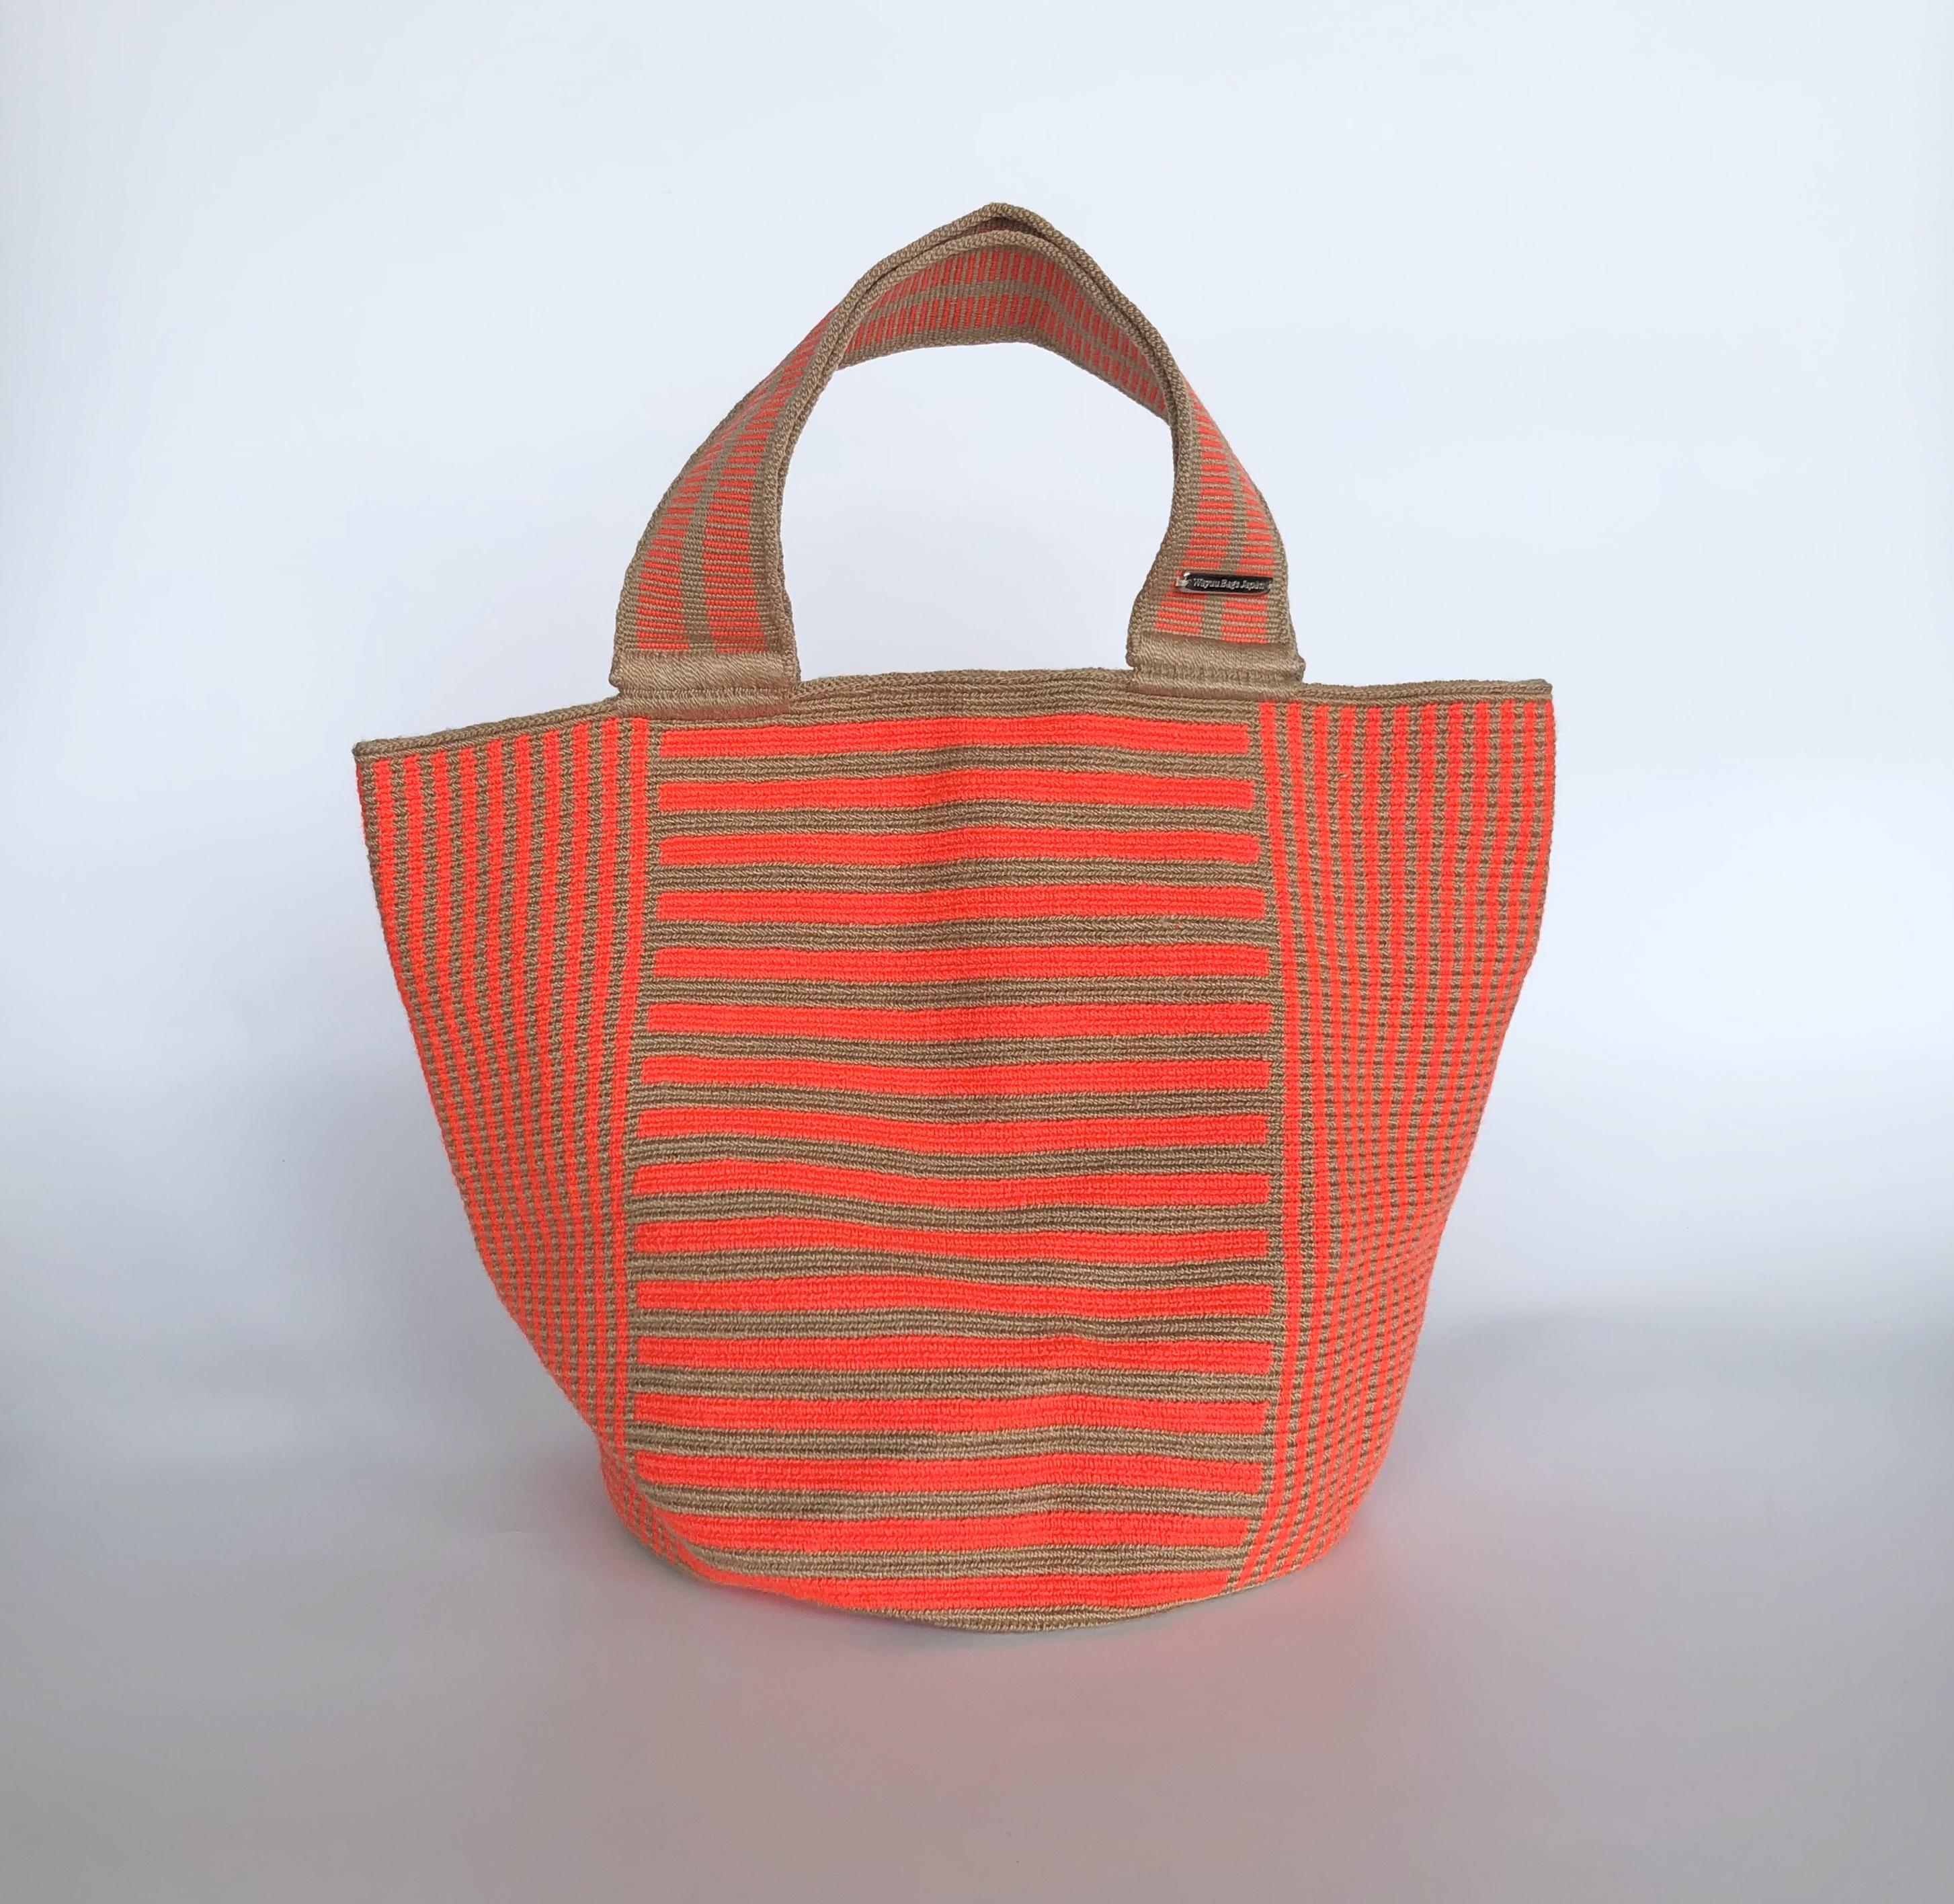 ワユーバッグ(Wayuu bag) Exclusive line Tote